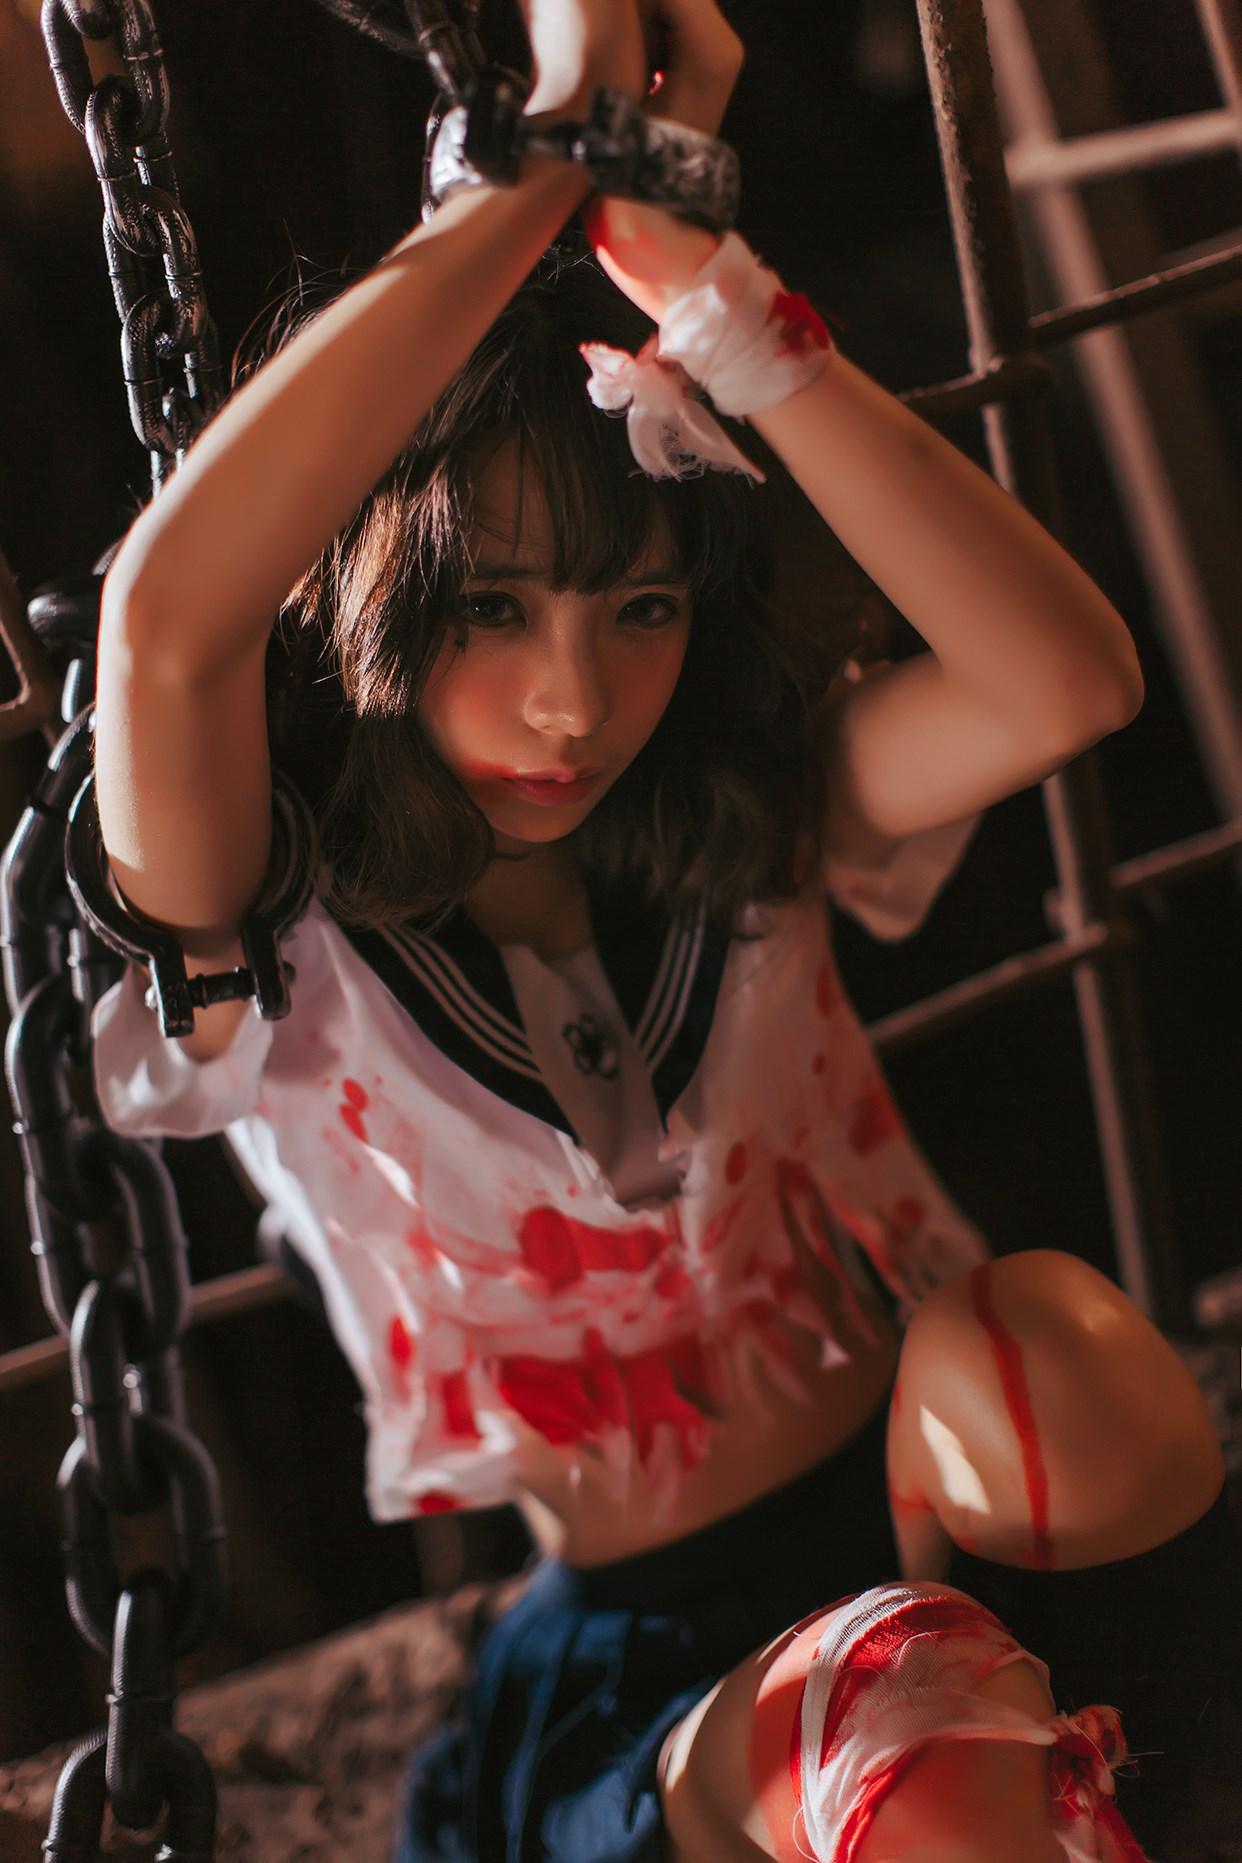 【兔玩映画】被囚禁的少女 兔玩映画 第28张